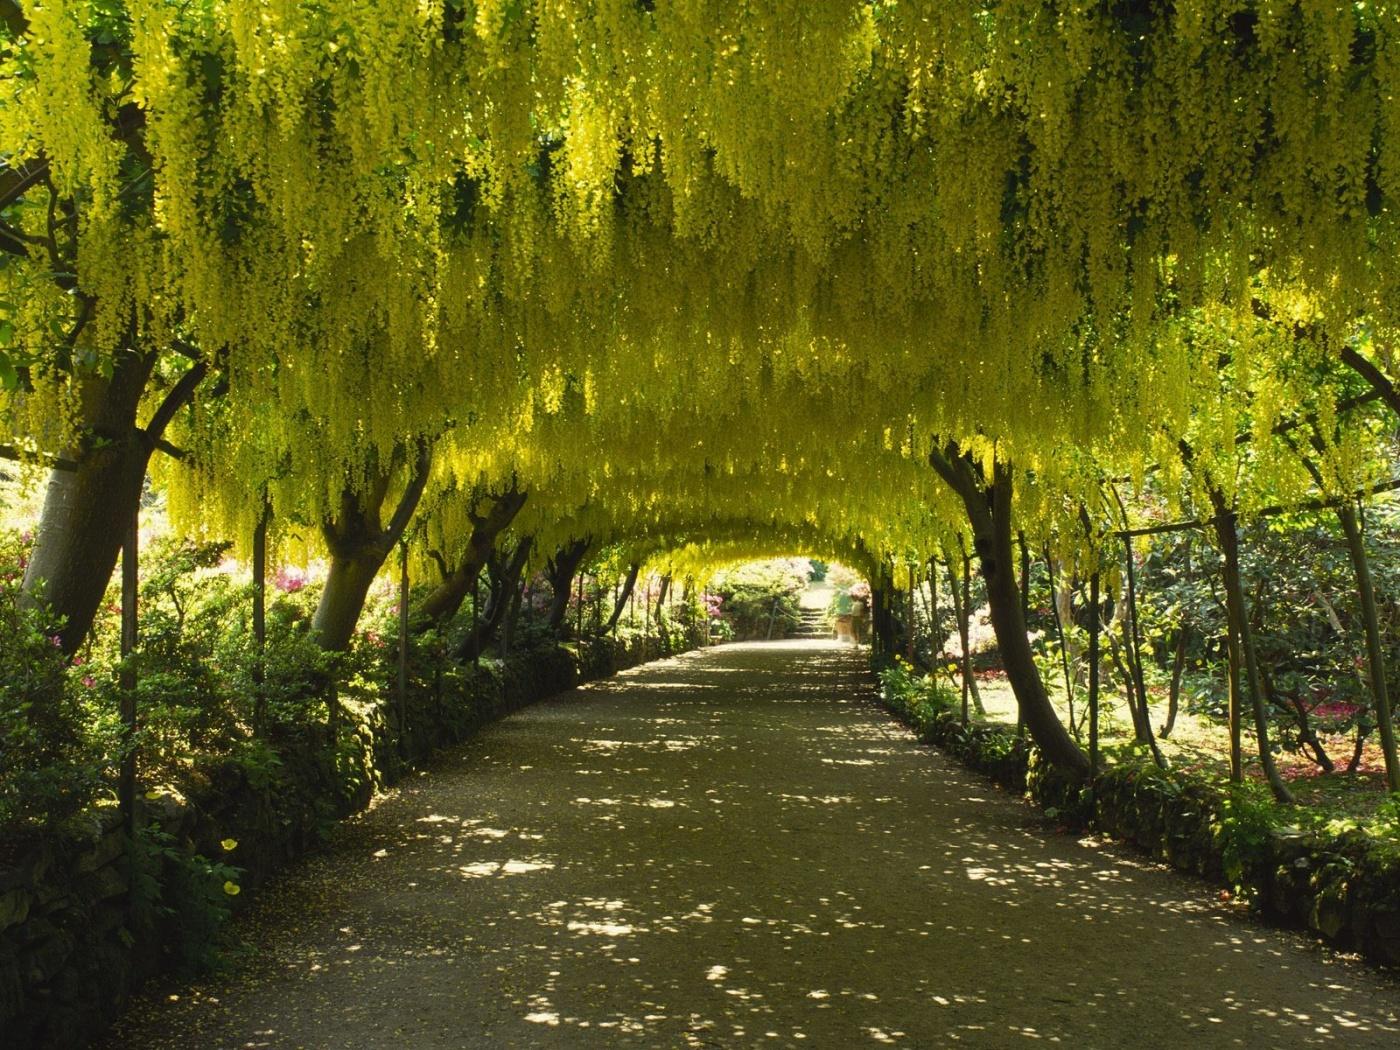 laburnum_arch_bodnant_garden_gwynedd_wales-1400x1050